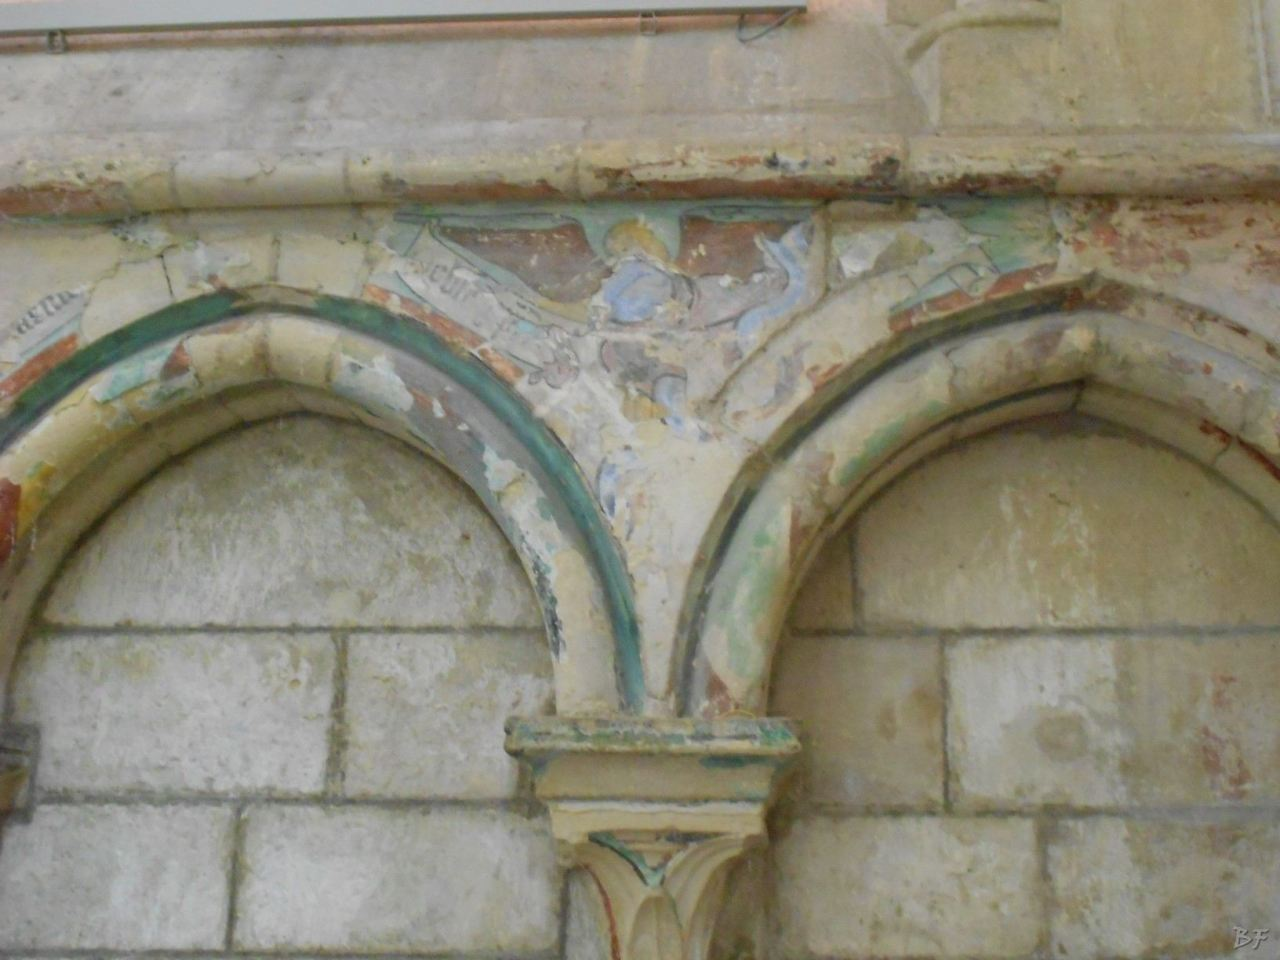 Cattedrale-Gotica-della-Vergine-di-Laon-Aisne-Hauts-de-France-17